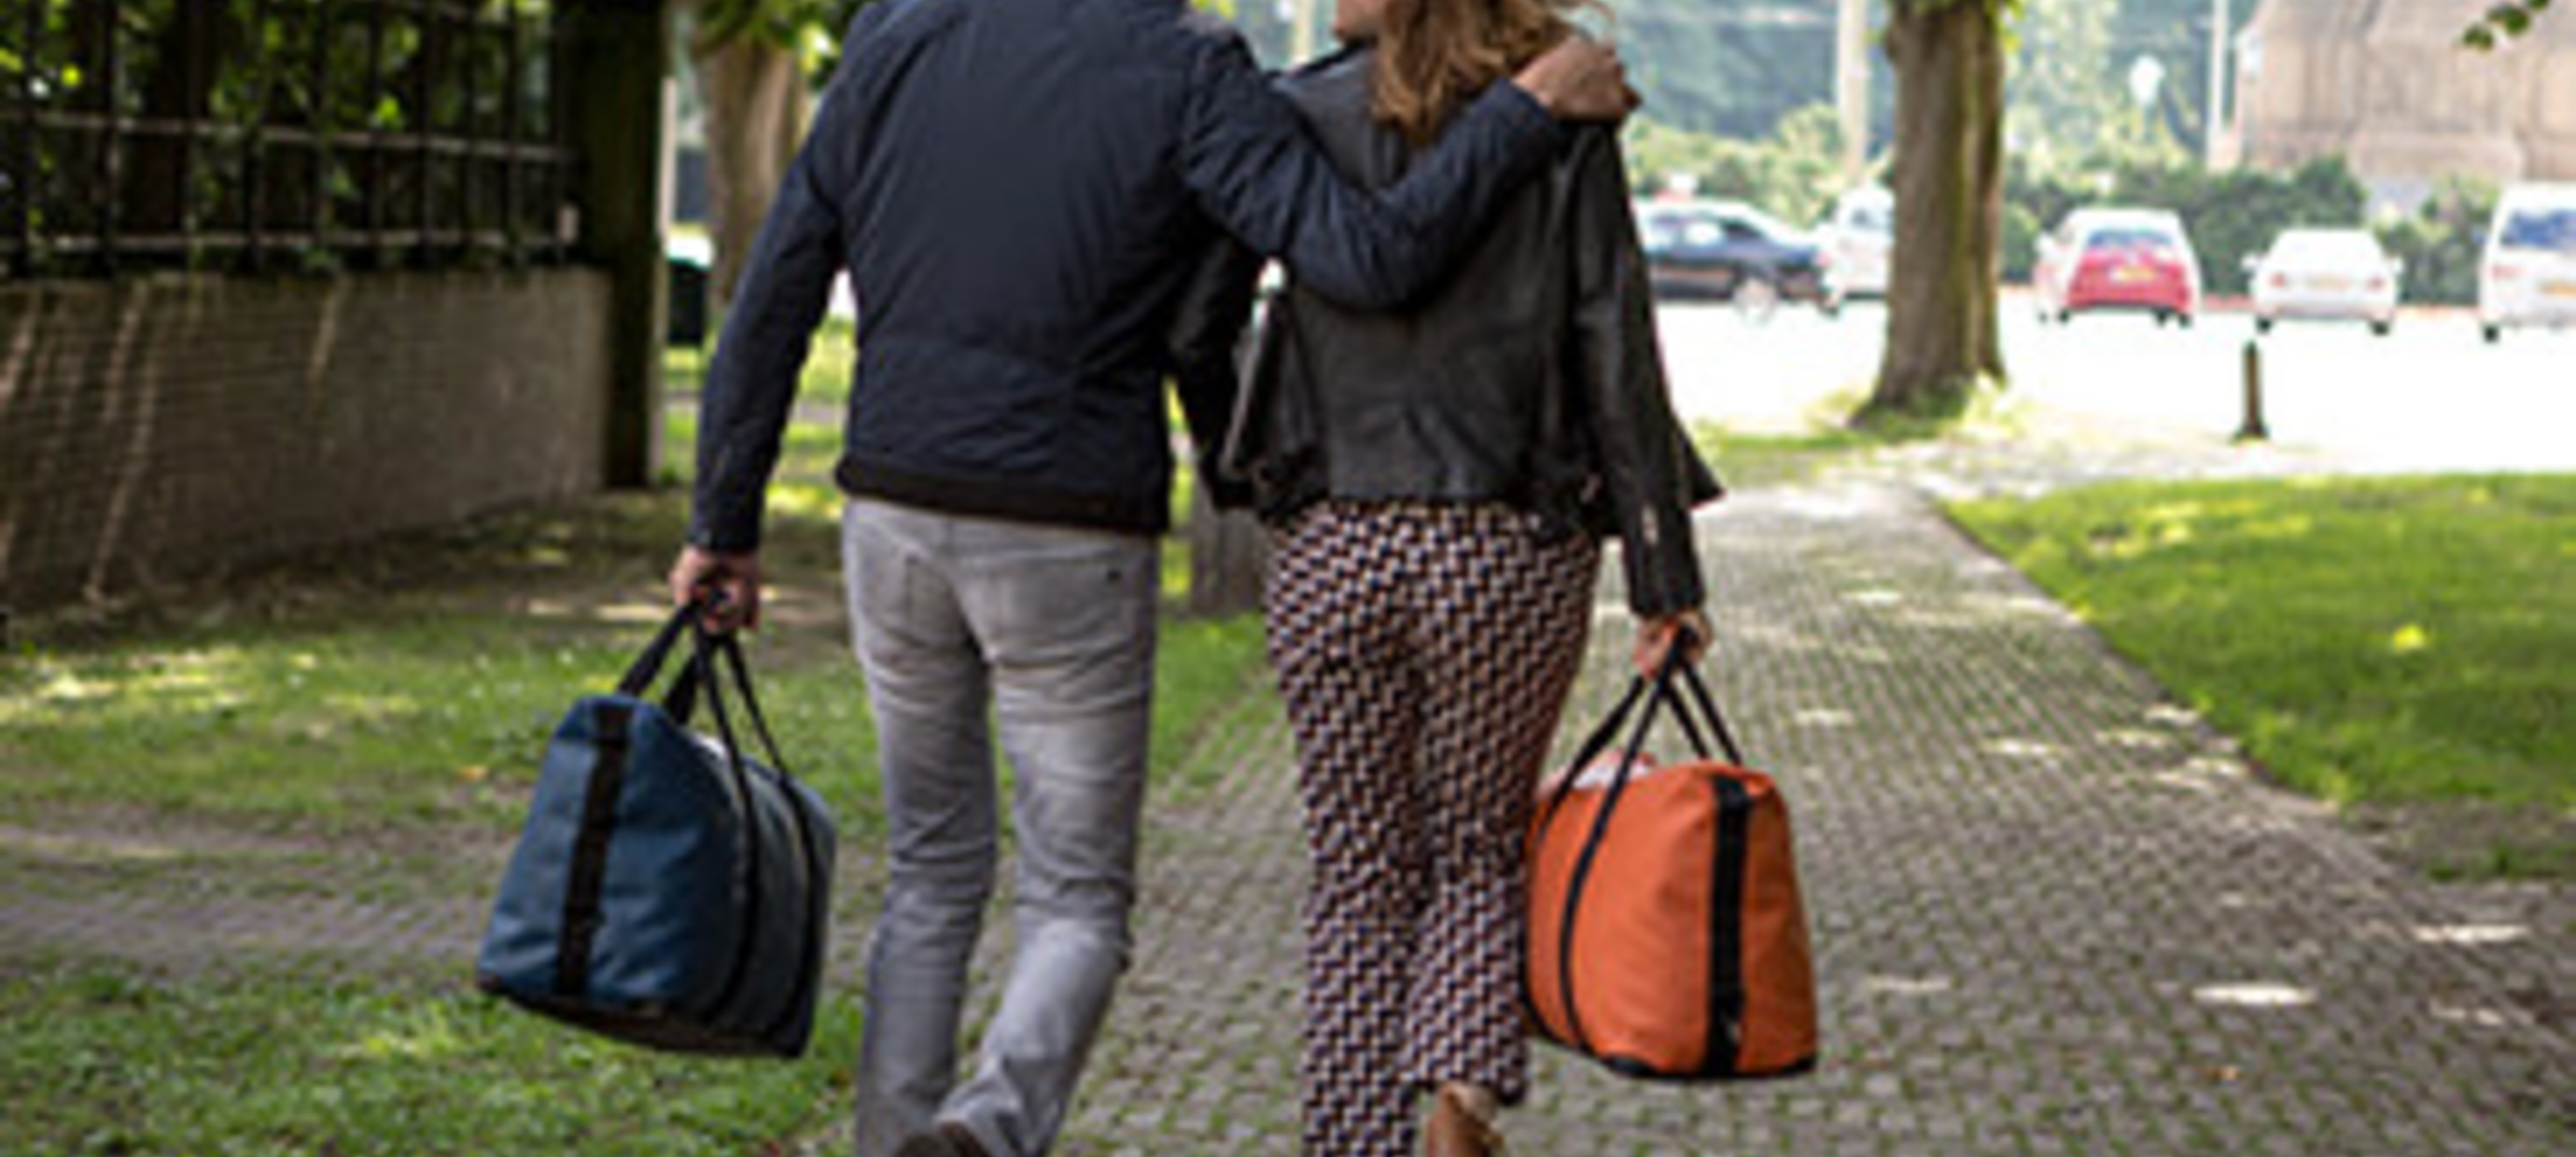 Alleen met handbagage reizen; 7 tips om efficiënt in te pakken